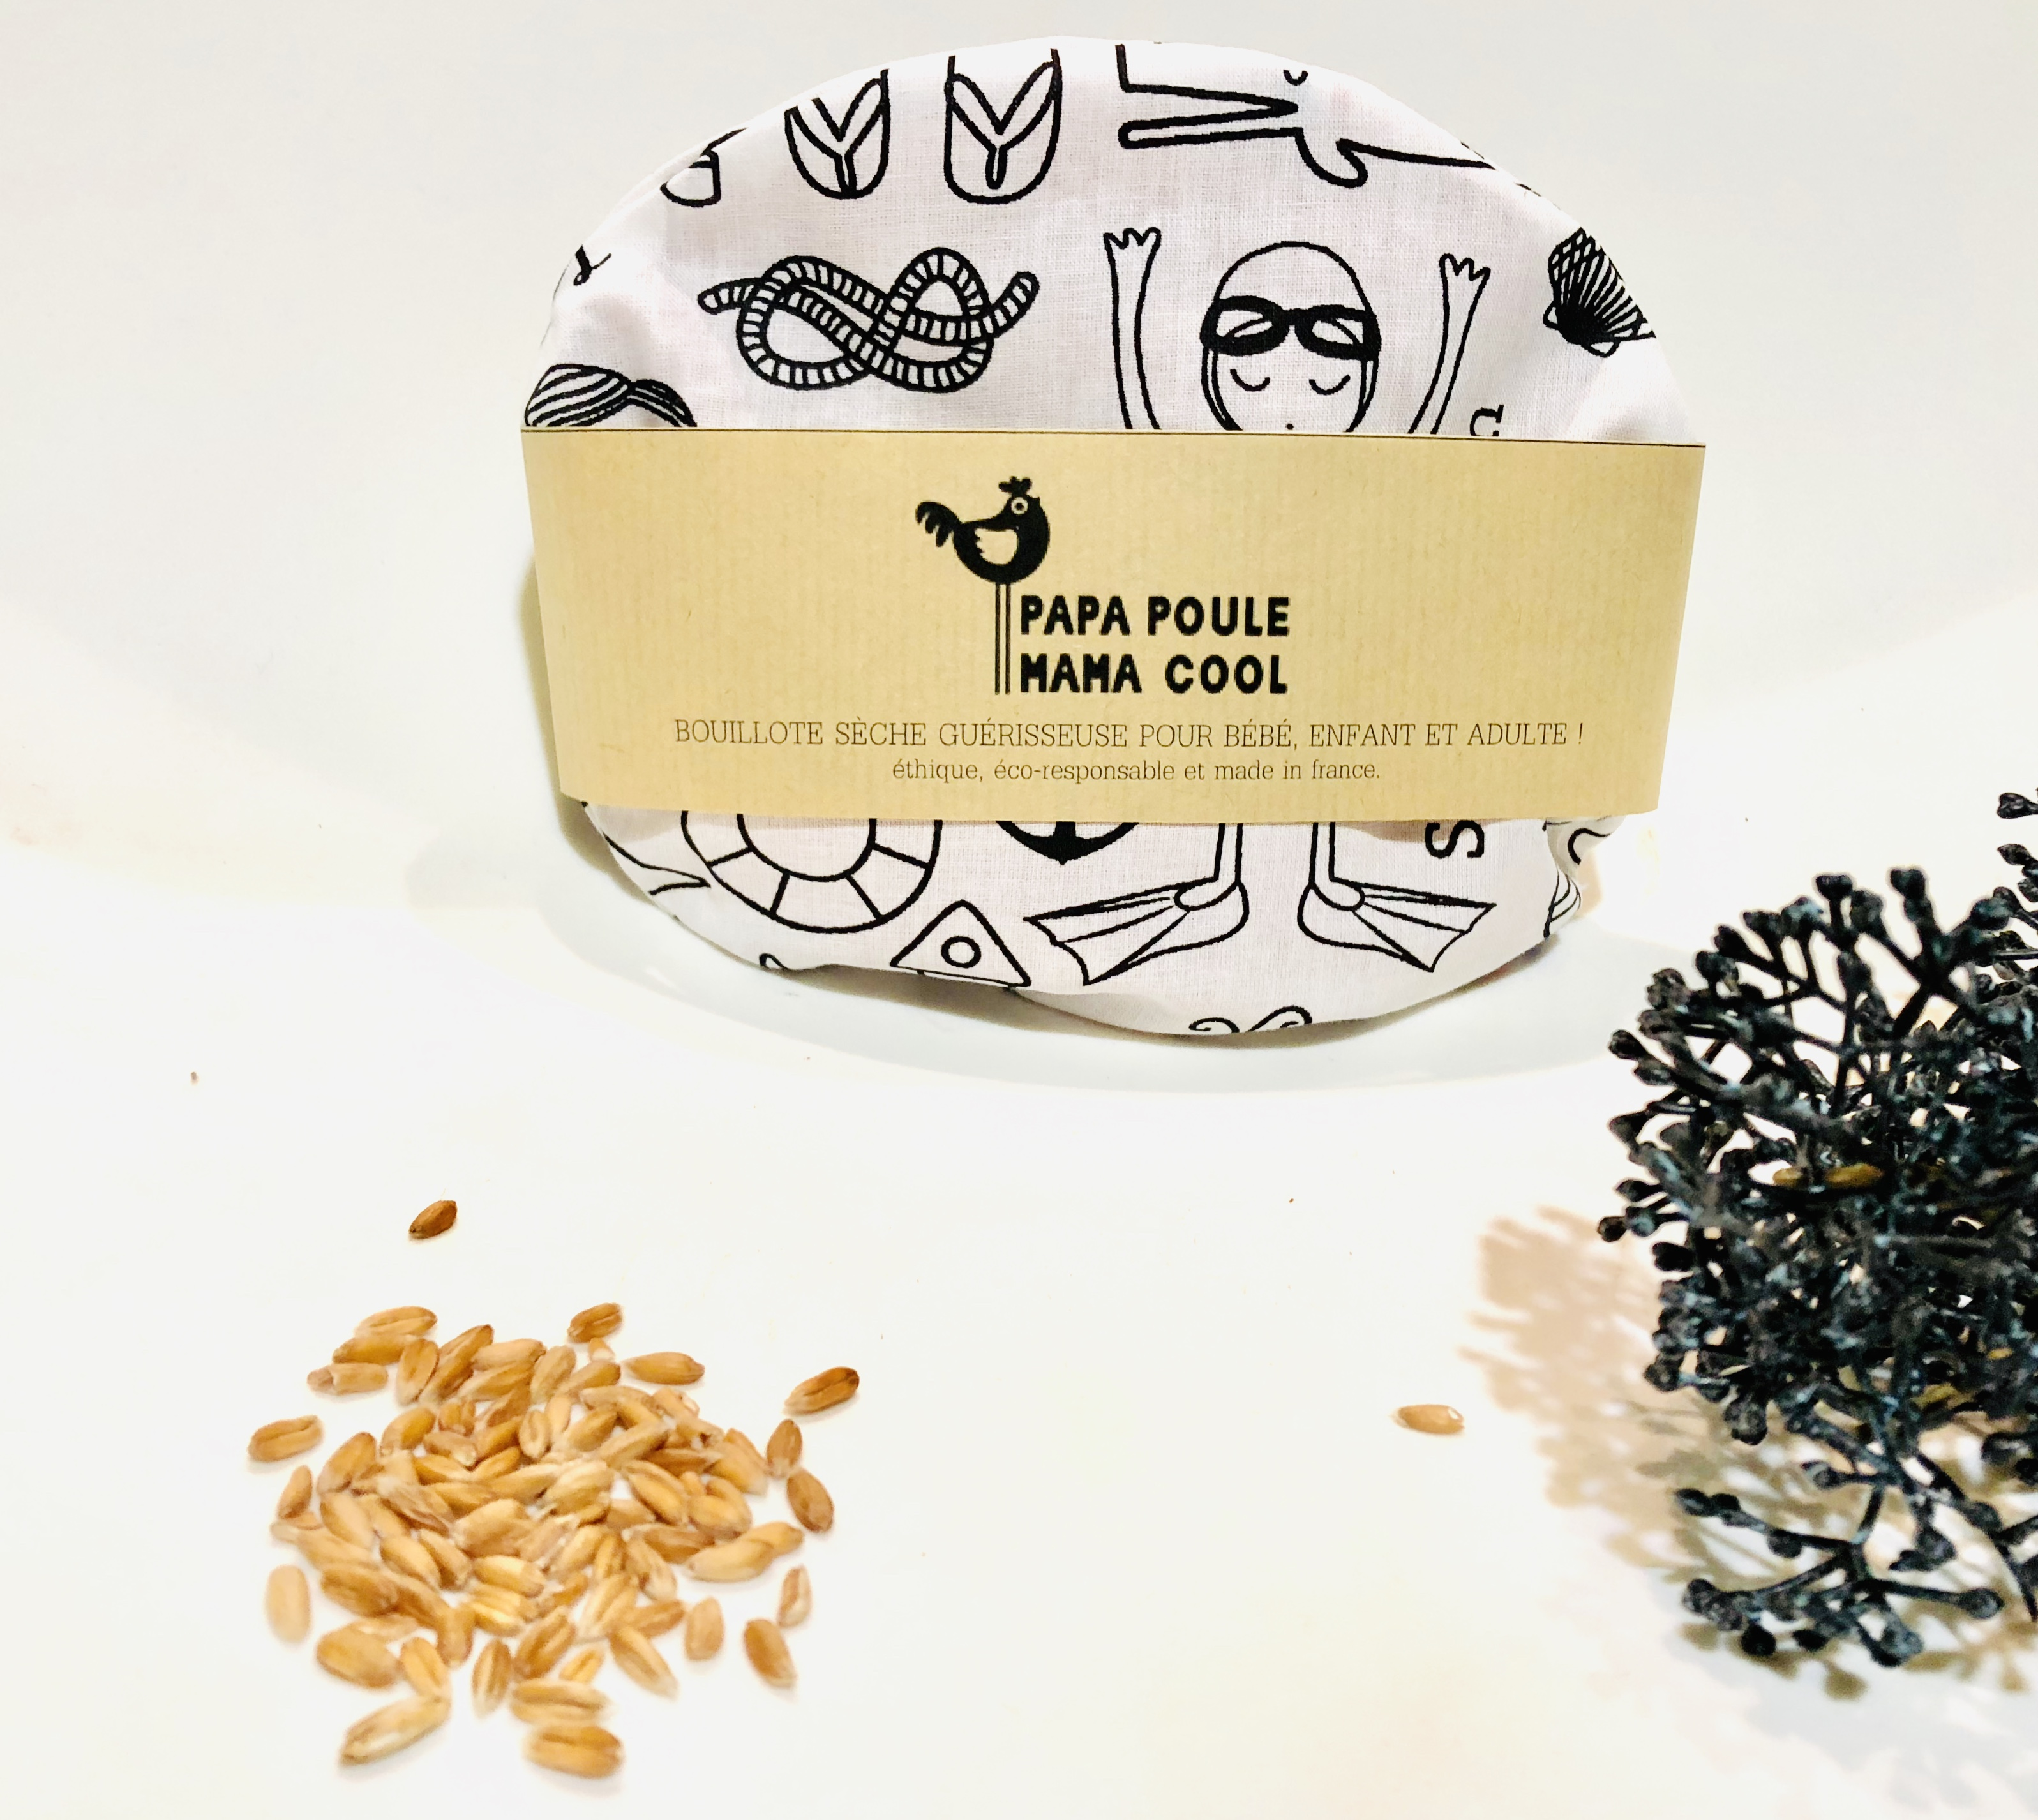 Bouillotte sèche aux graines d'épeautre bio Française et motif à colorier